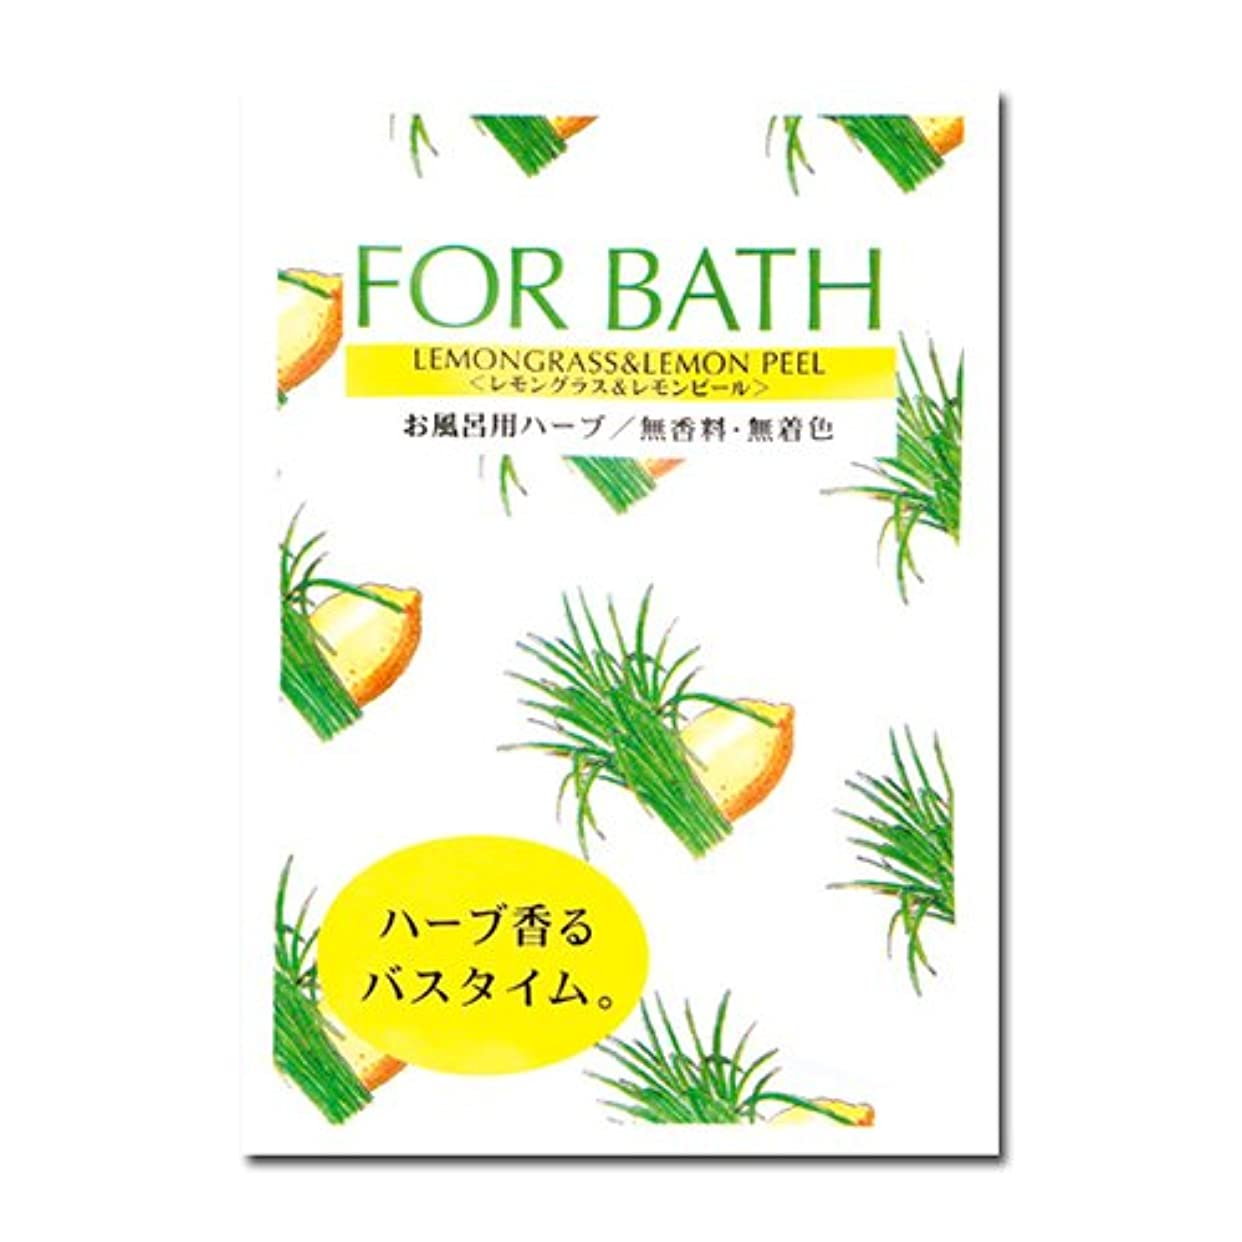 軸弱い貝殻フォアバス レモングラス&レモンピールx30袋[フォアバス/入浴剤/ハーブ]